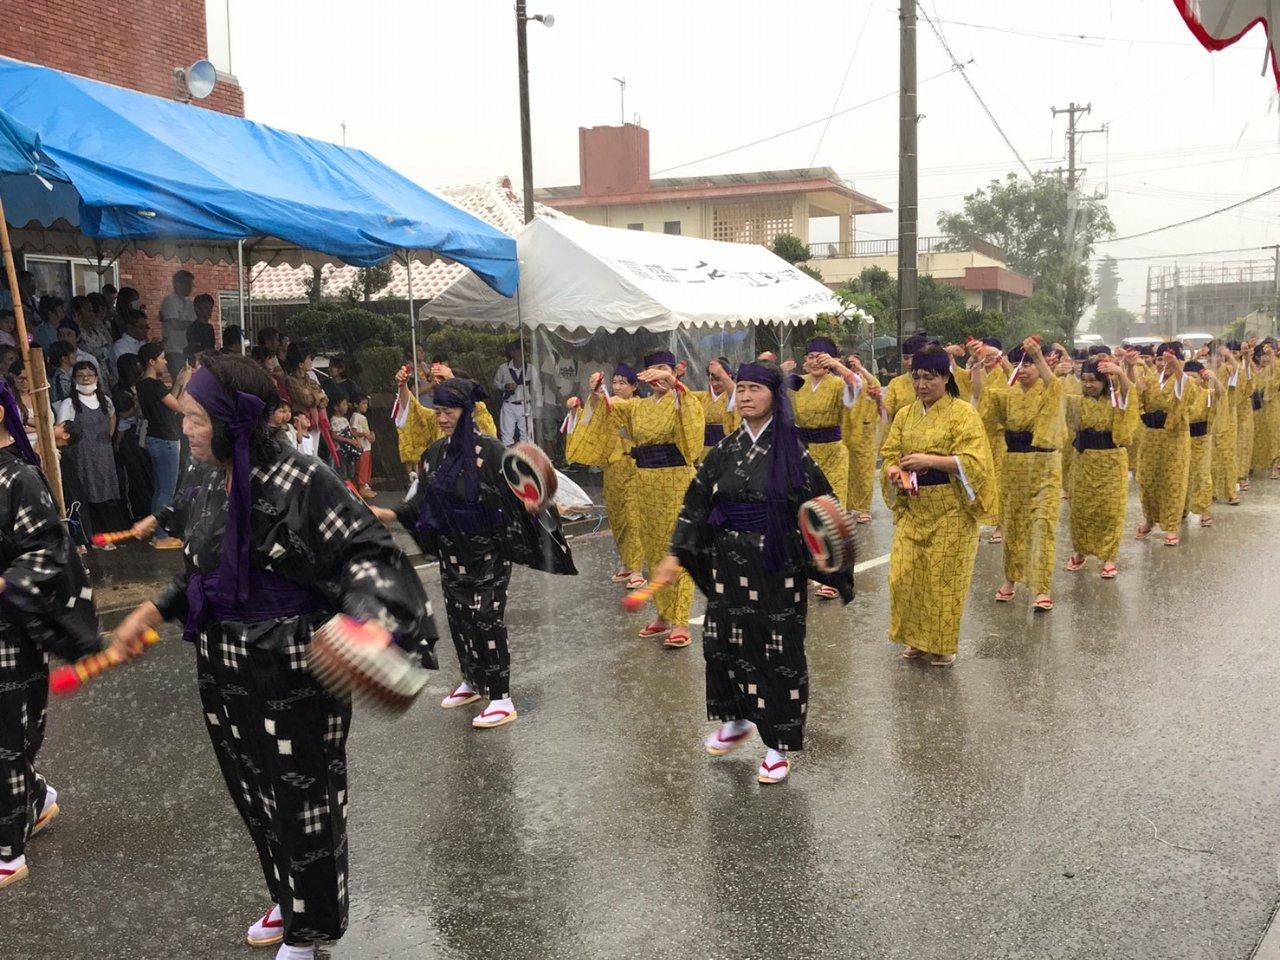 土砂降りの雨の中の八重瀬町十五夜祭り